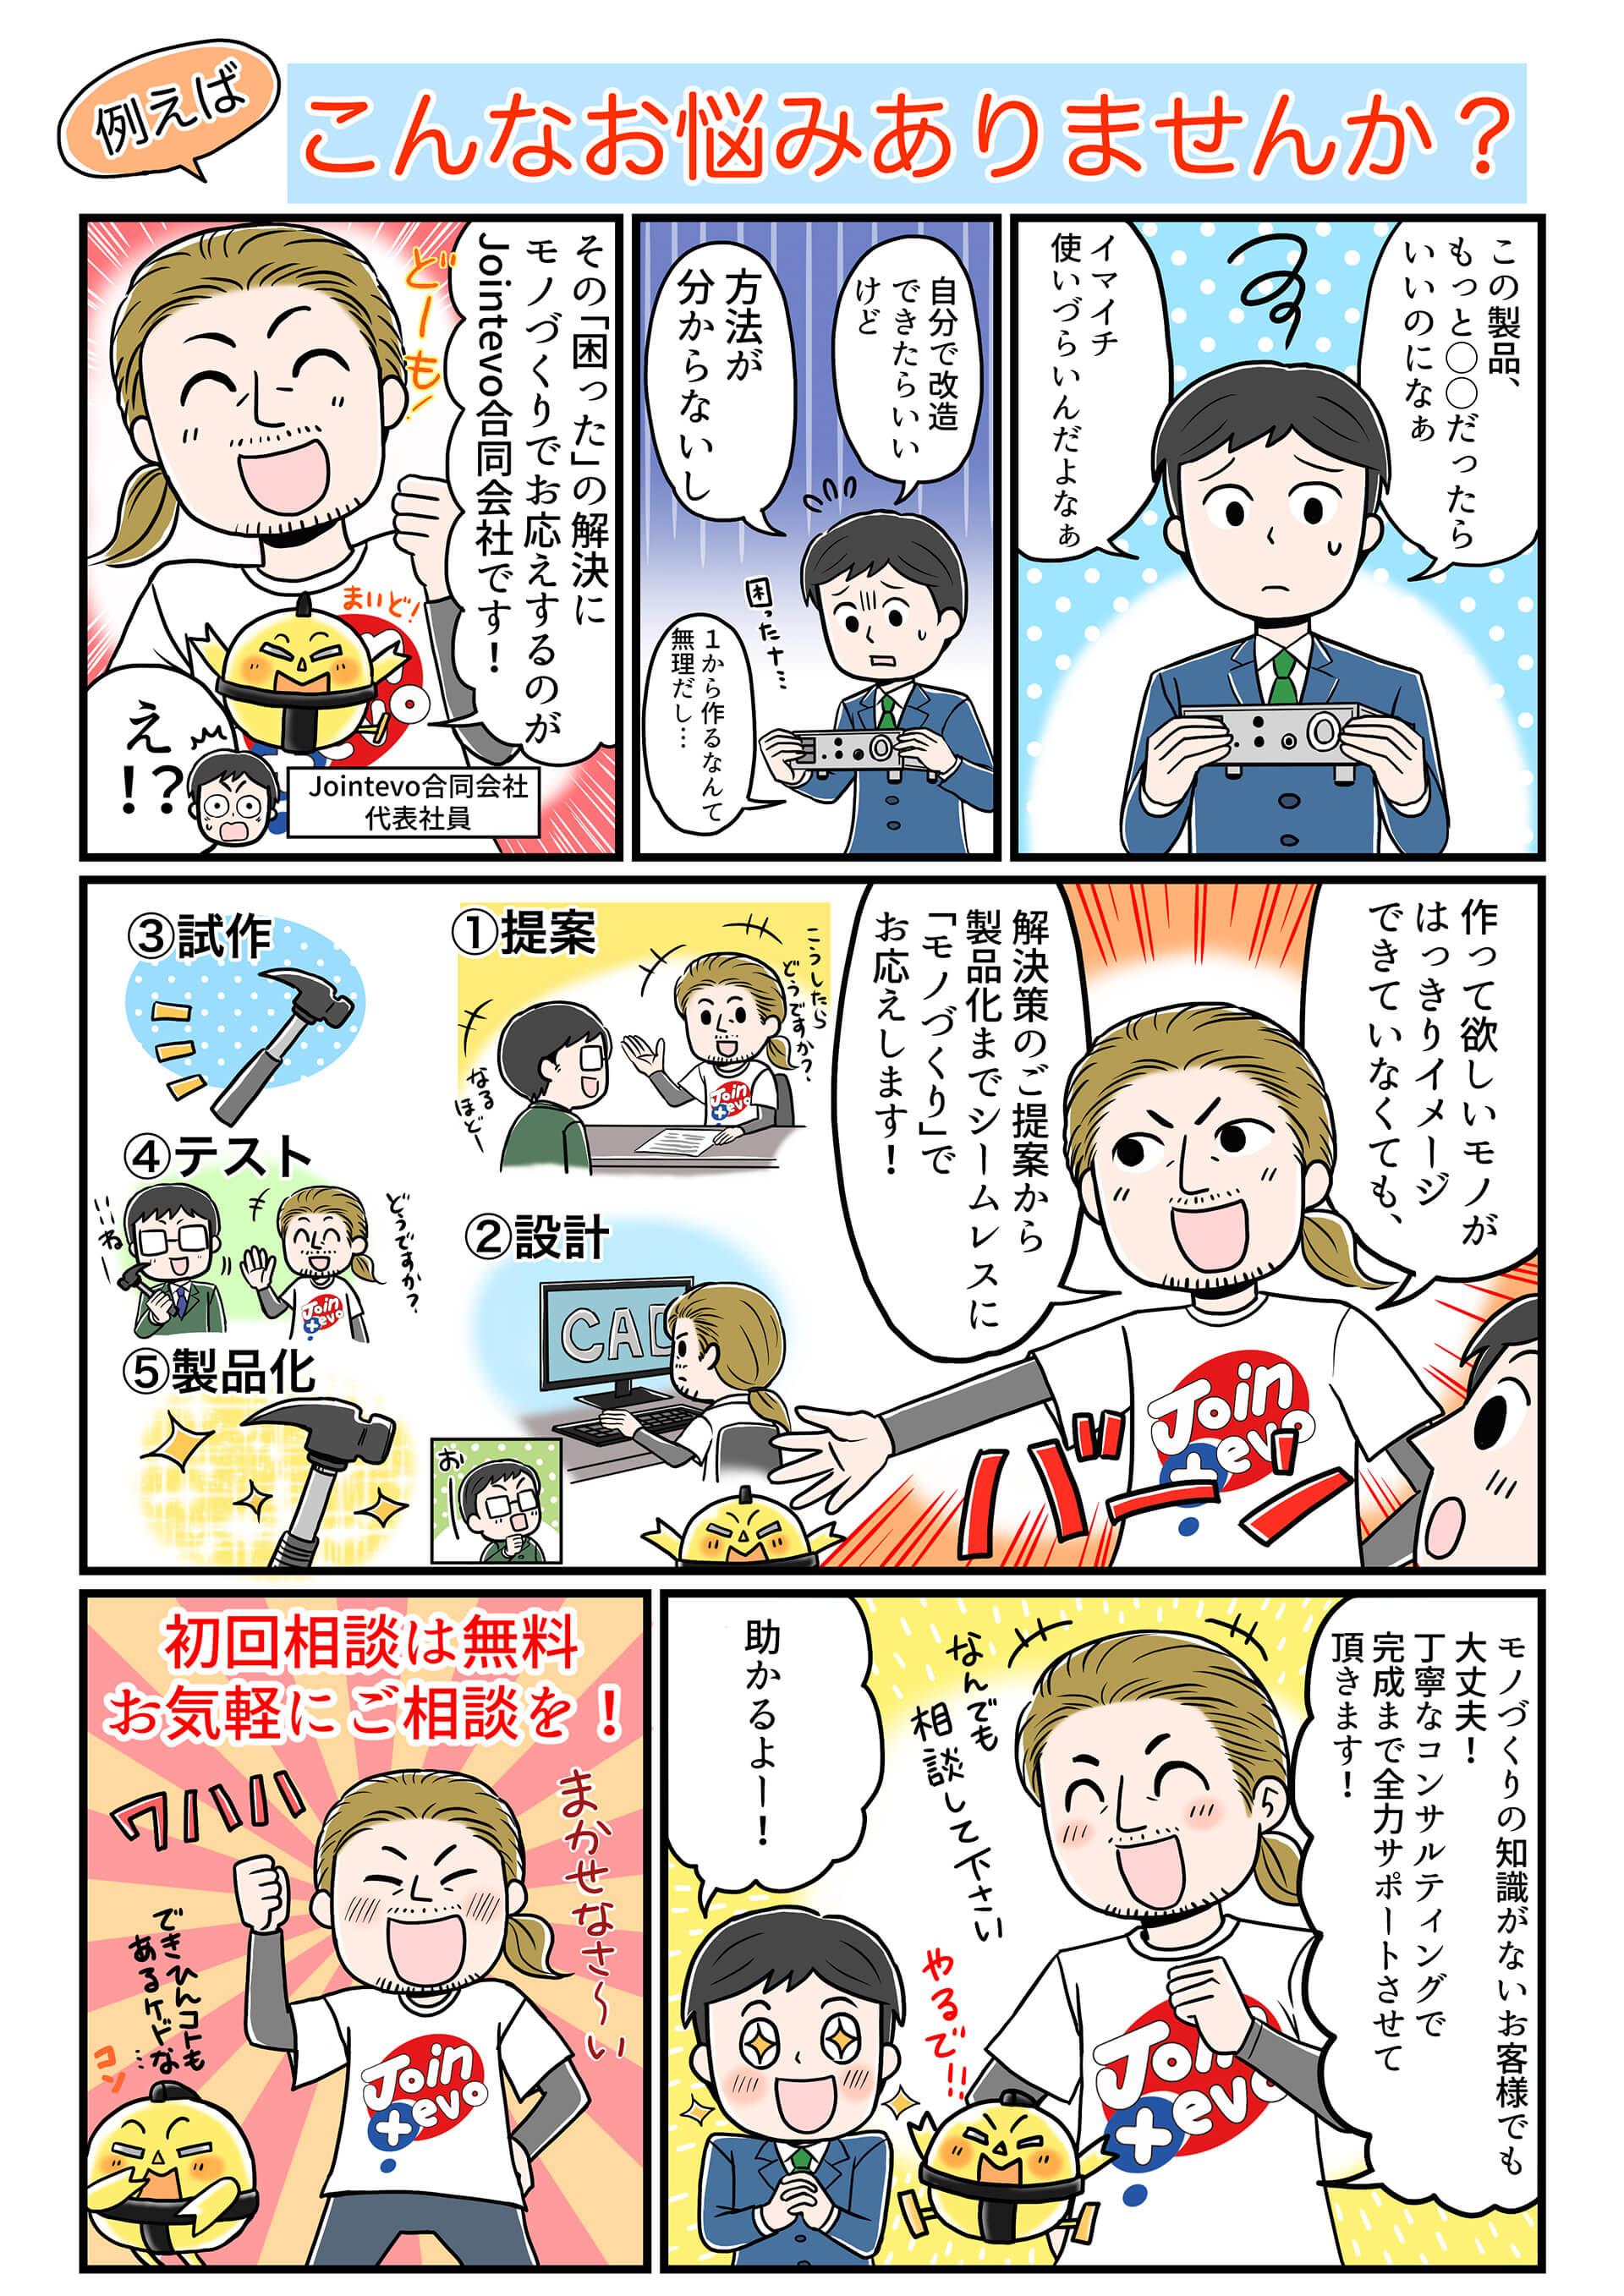 漫画:このようなお悩みありませんか?